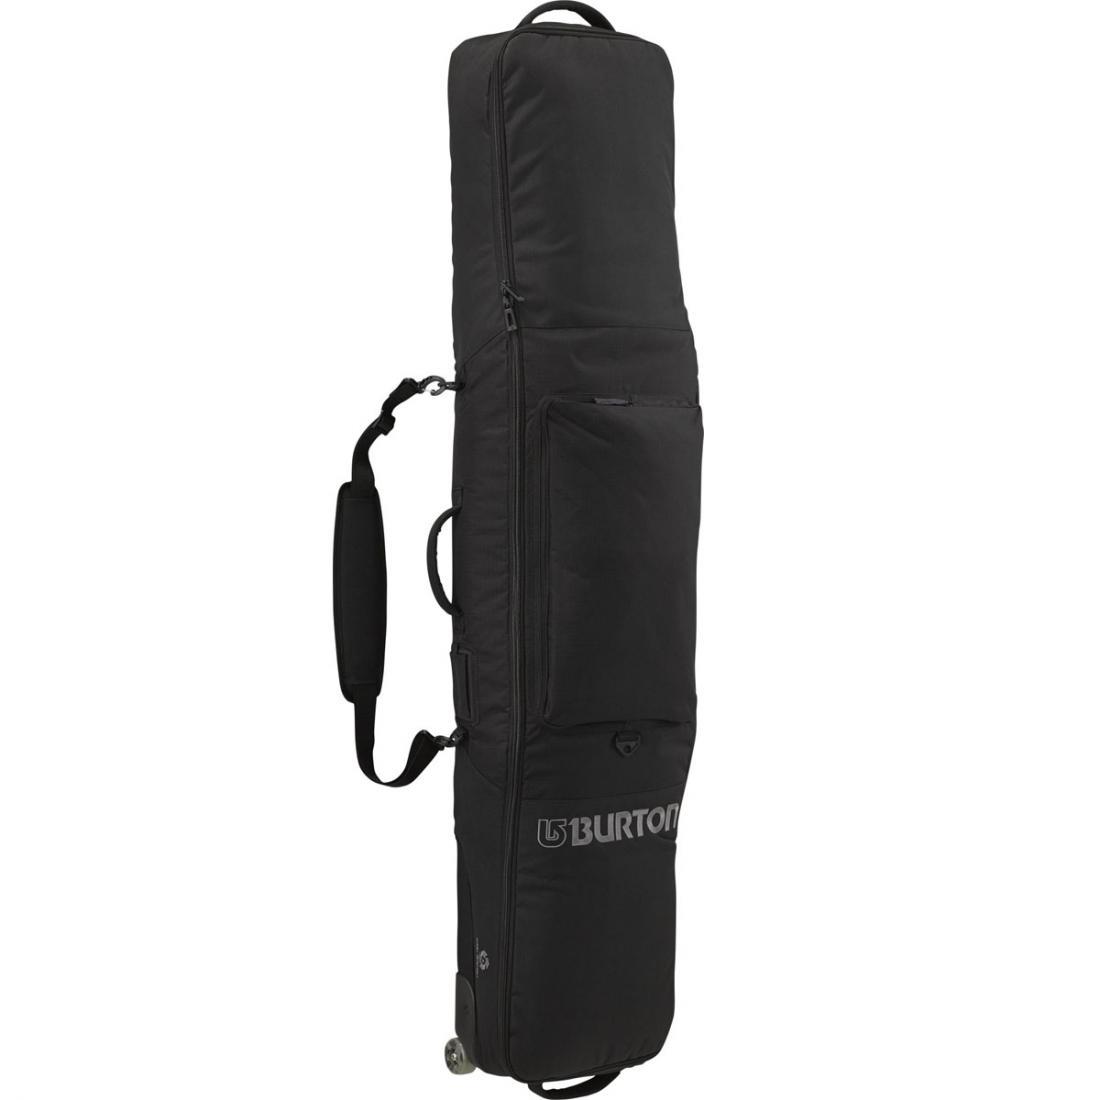 Сумка для сноуборда GIG BAGСумки<br><br> Сумка для сноуборда Gig Bag предназначена для надежной защиты доски от механических повреждений, воздействия влаги, низких температур и п...<br><br>Цвет: Черный<br>Размер: 156